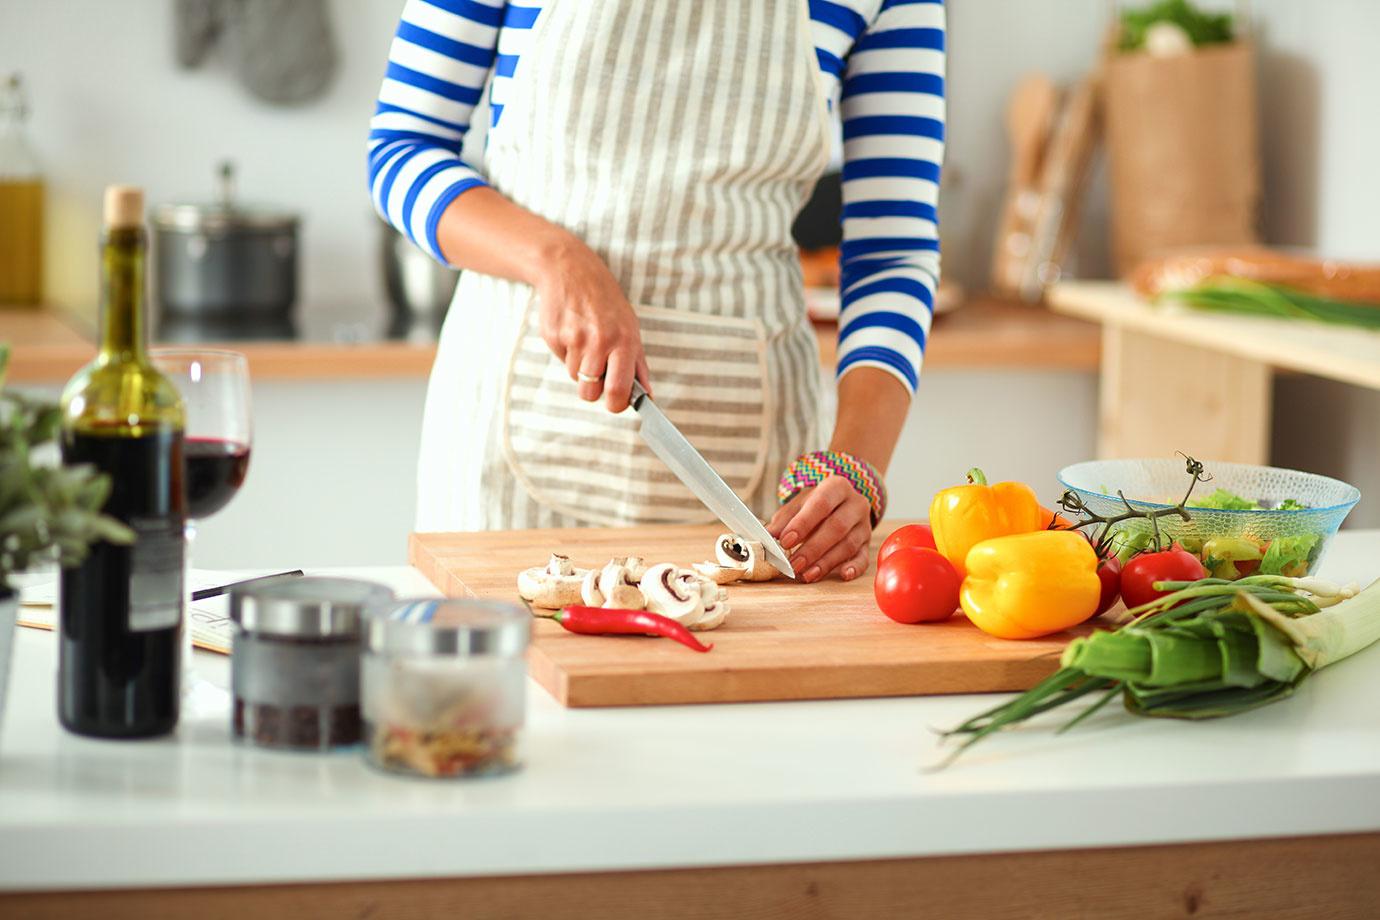 週末に常備菜を作って平日を楽に過ごそう!野菜の作り置きレシピ7選